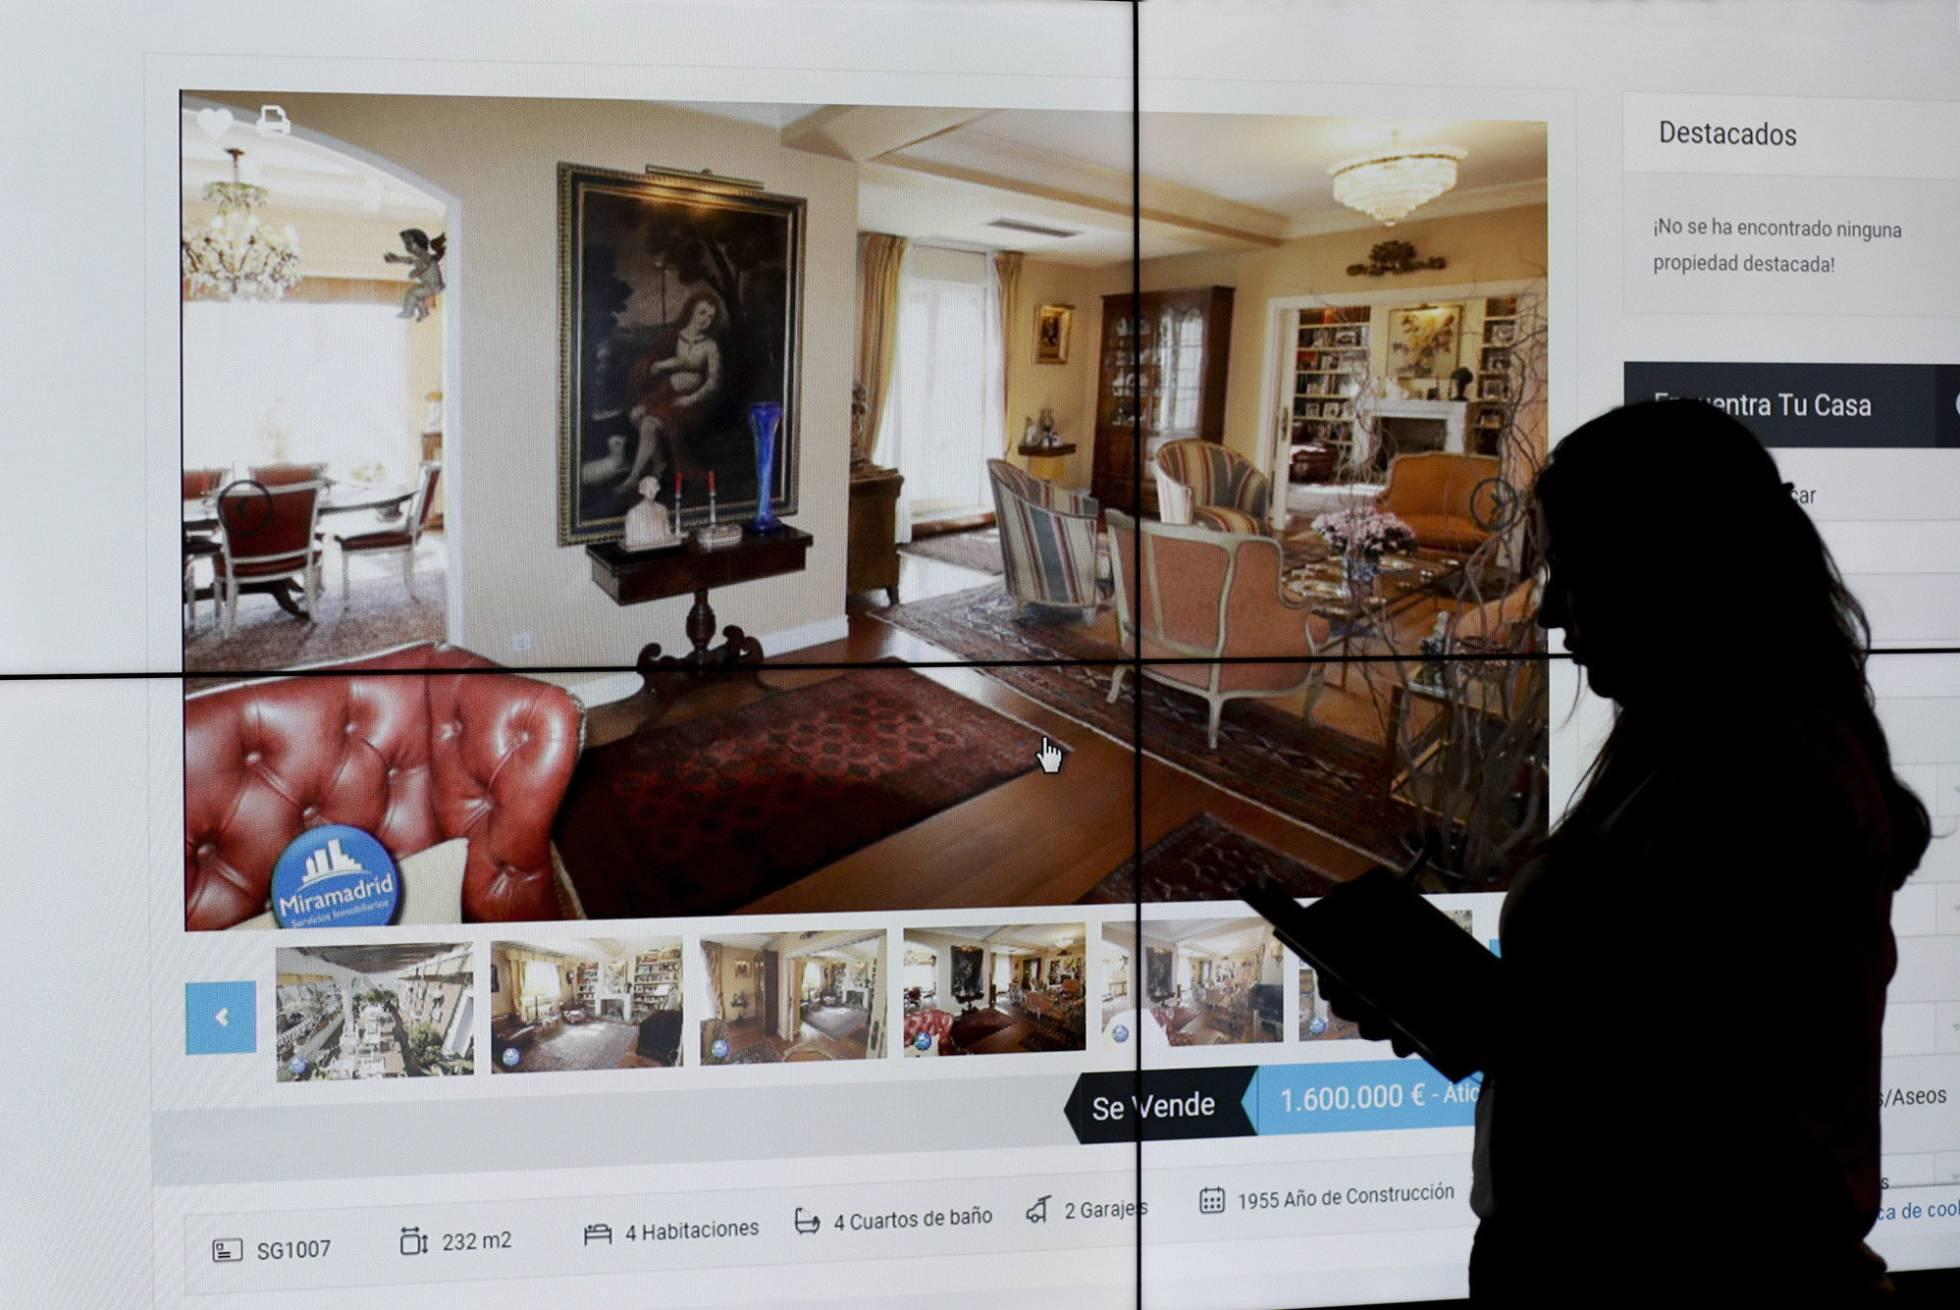 09f966a97 El anuncio describe un piso señorial de corte moderno en el corazón del  barrio de Argüelles. Las vistas, a través de grandes ventanales, son de 360  grados ...